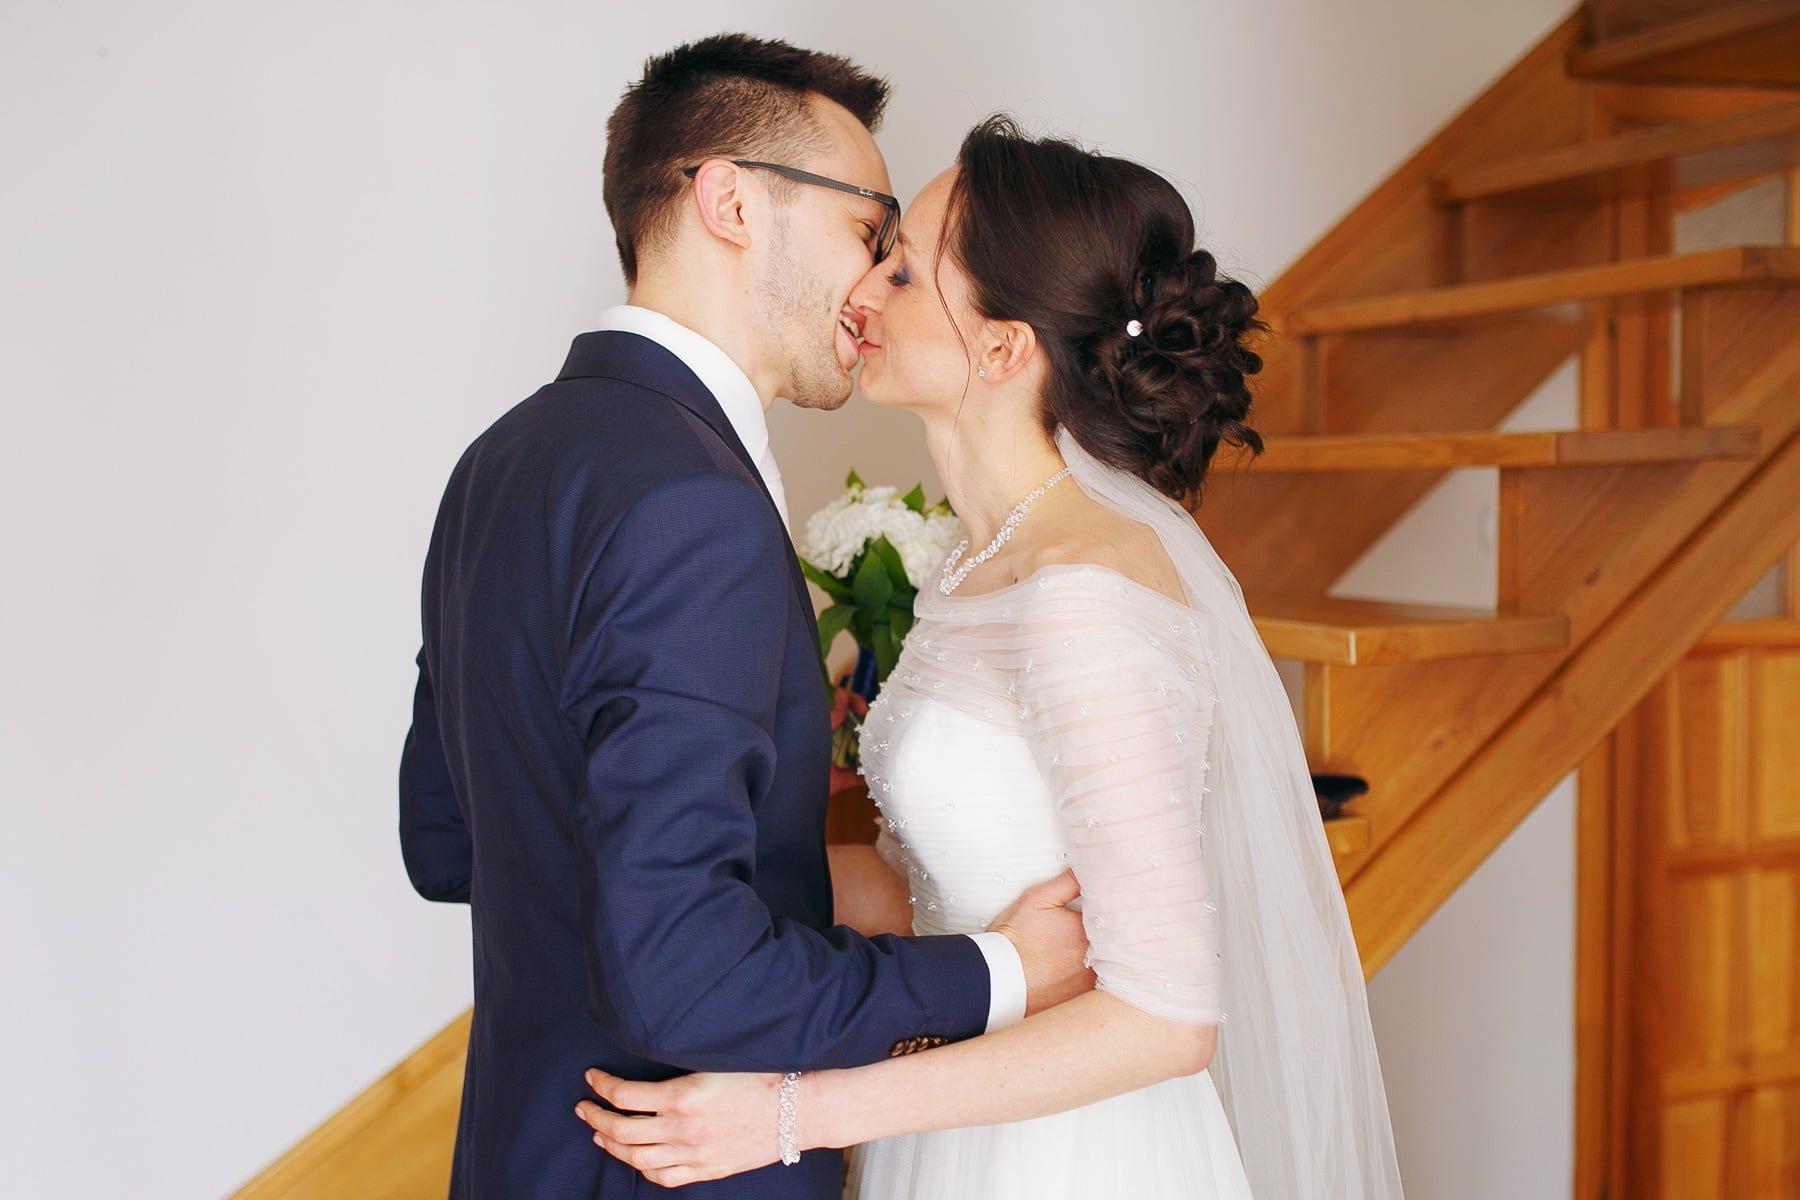 fotograf slub bielsko biala ania maciej 22 - Ślub w Bielsku-Białej - ANIA & MACIEJ